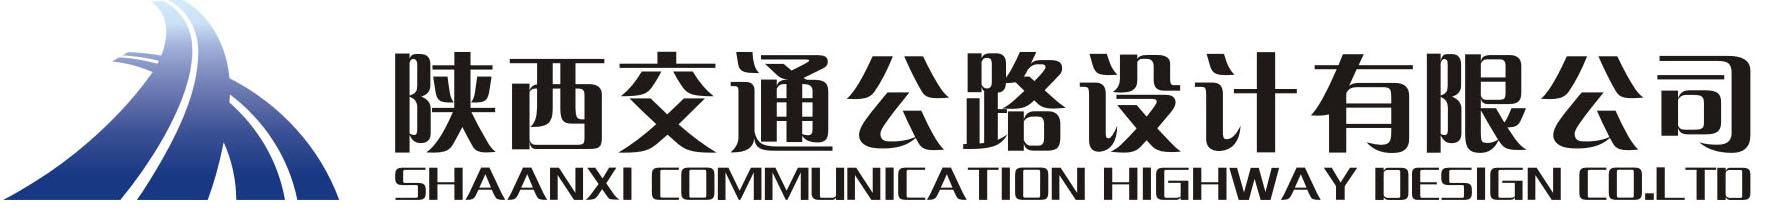 陕西交通公路设计研究院有限公司